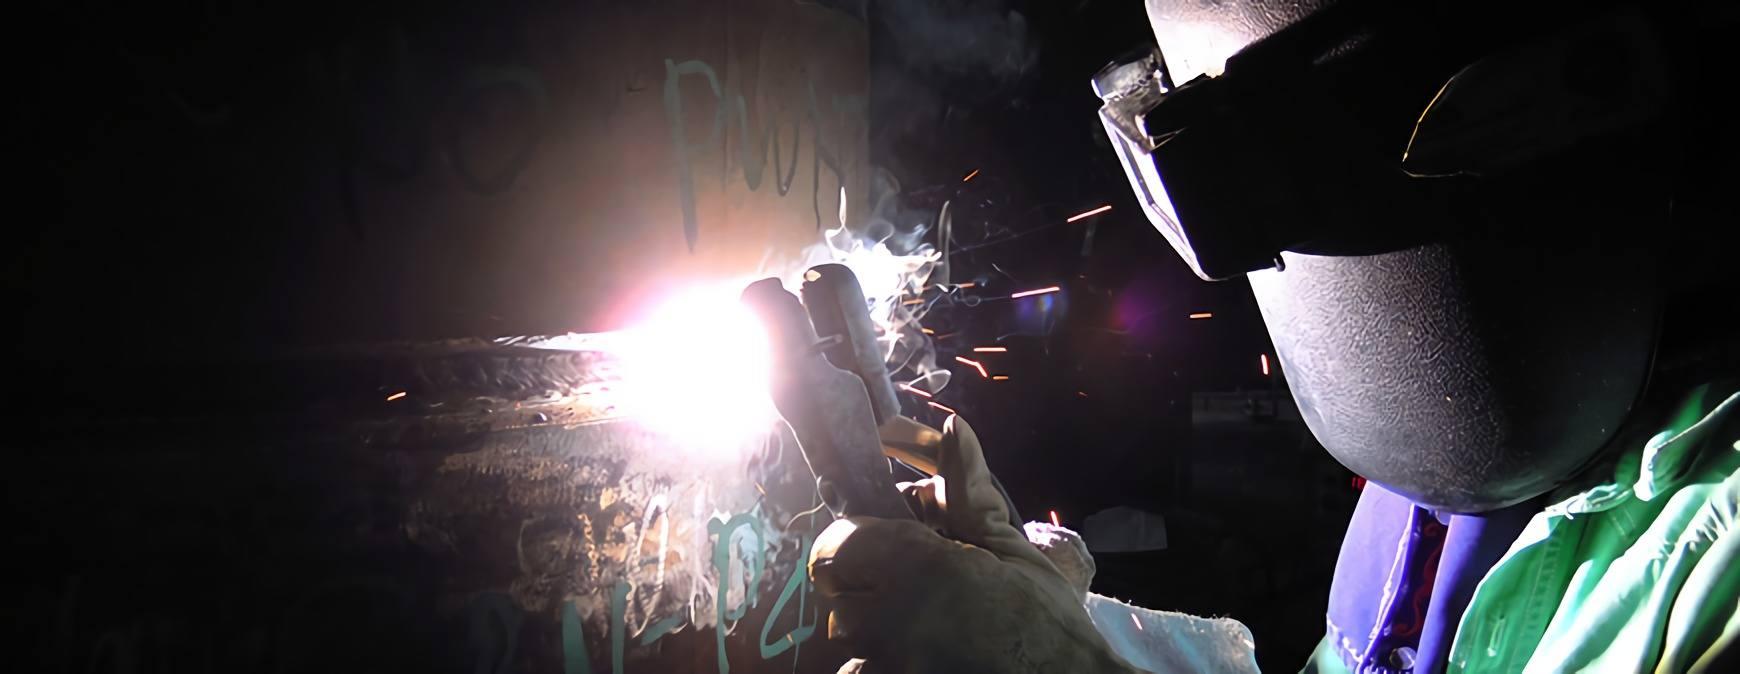 welder wearing safety equipment